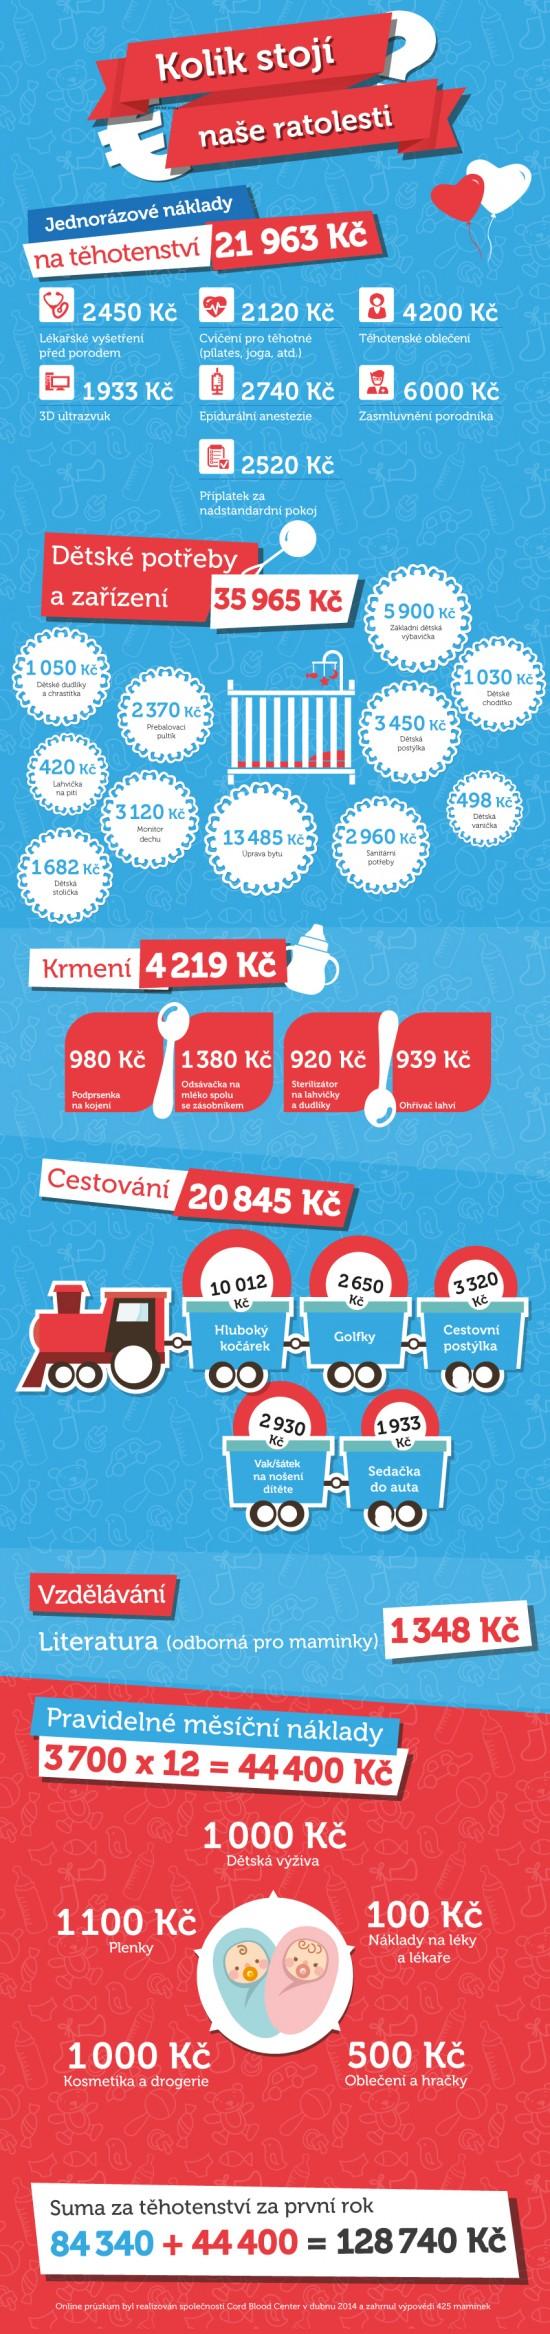 výdaje na děti infografika